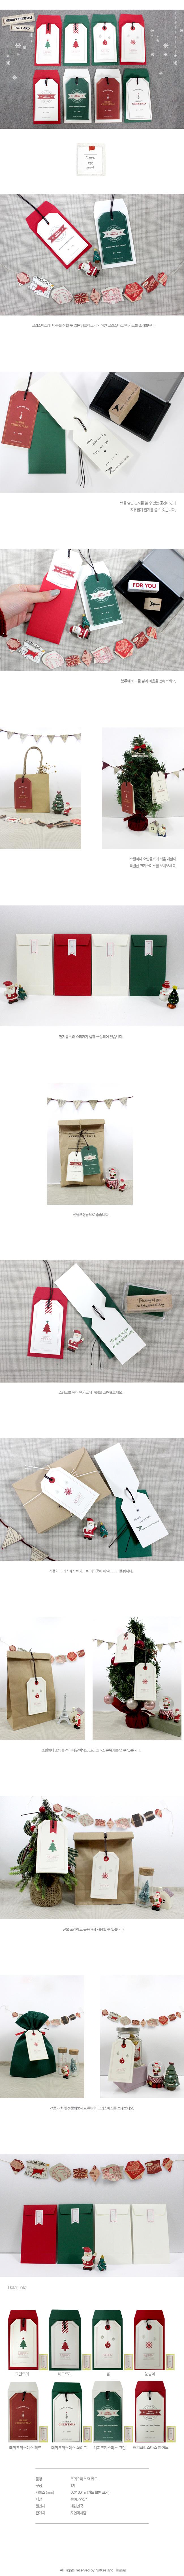 크리스마스 택 카드 - 자연과사람, 1,000원, 카드, 크리스마스 카드